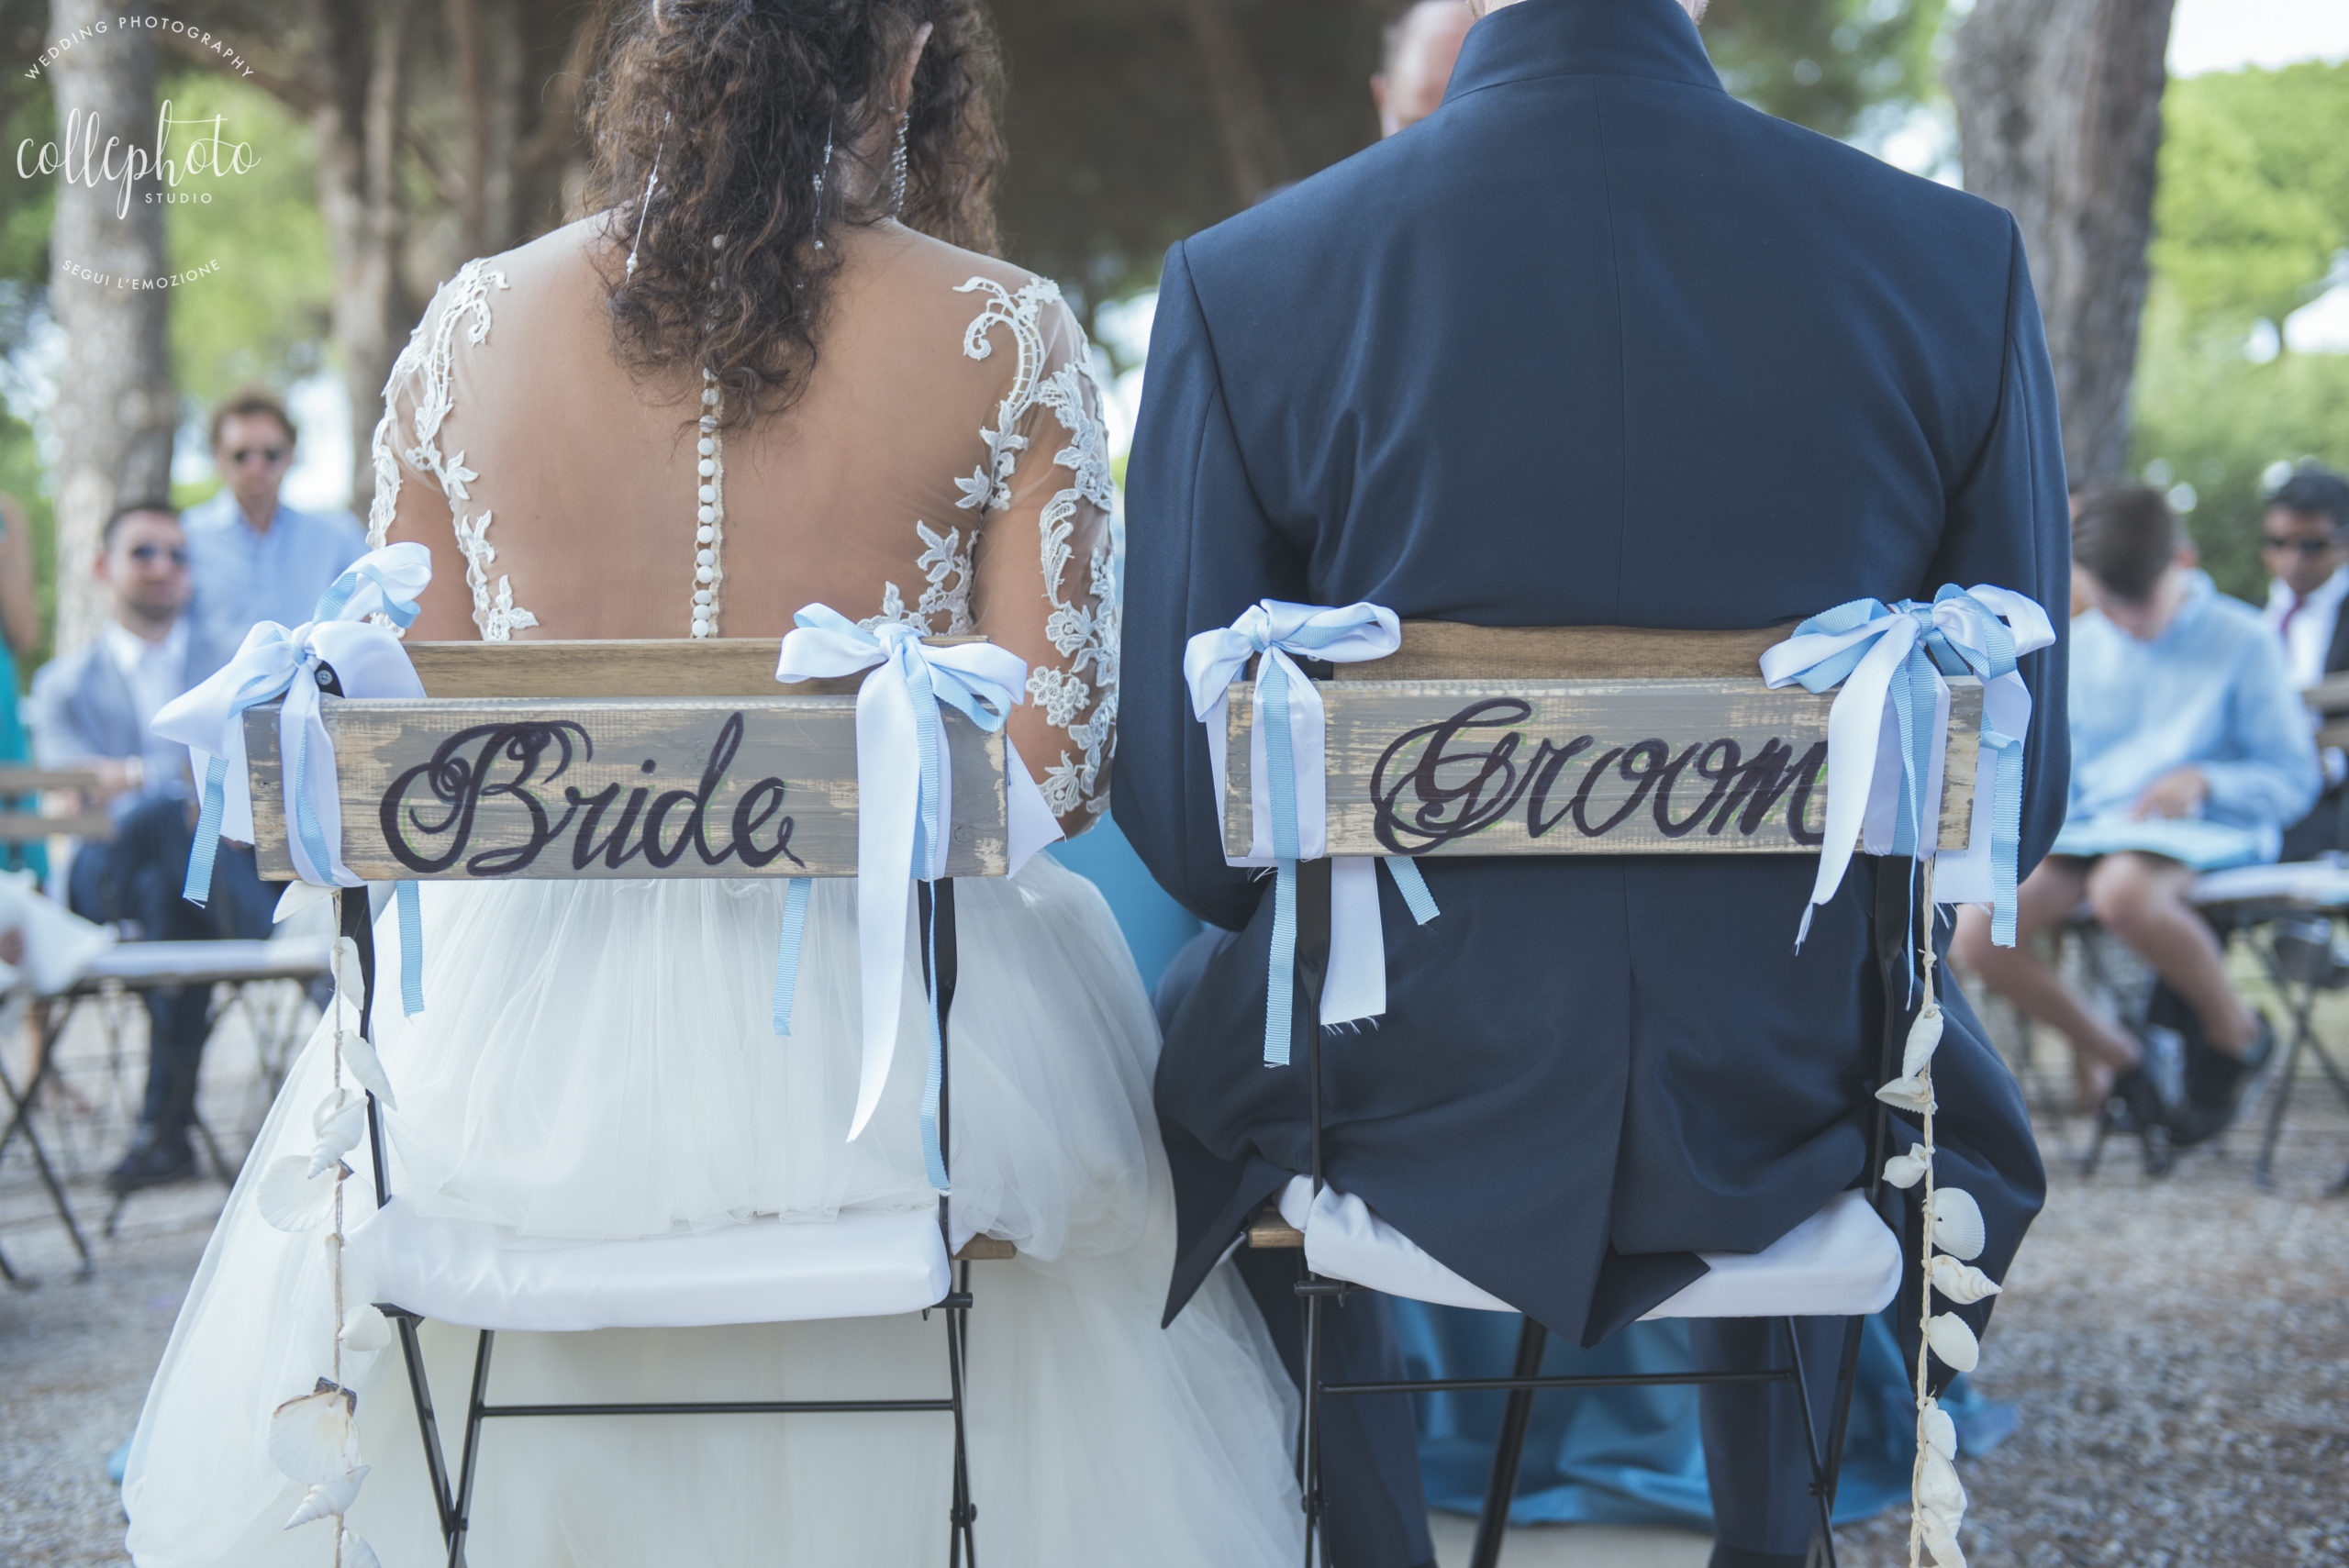 Matrimonio cosa fare